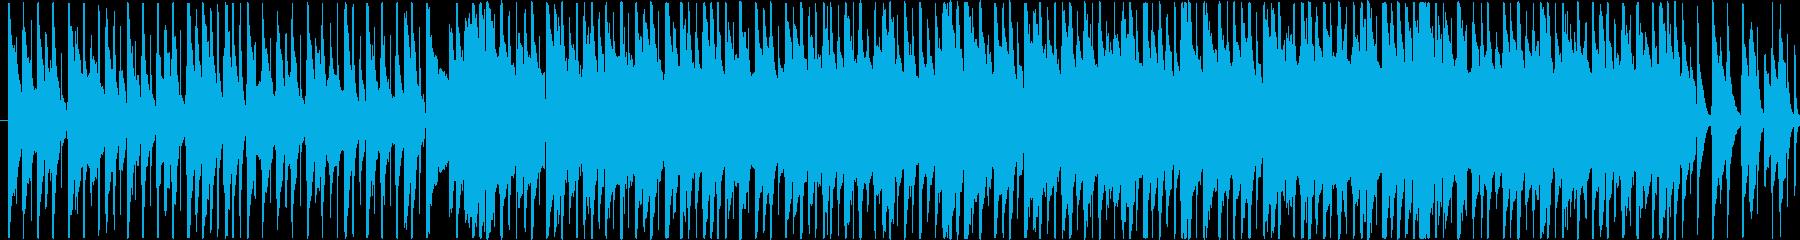 楽しくコミカルなBGM(60ver)の再生済みの波形